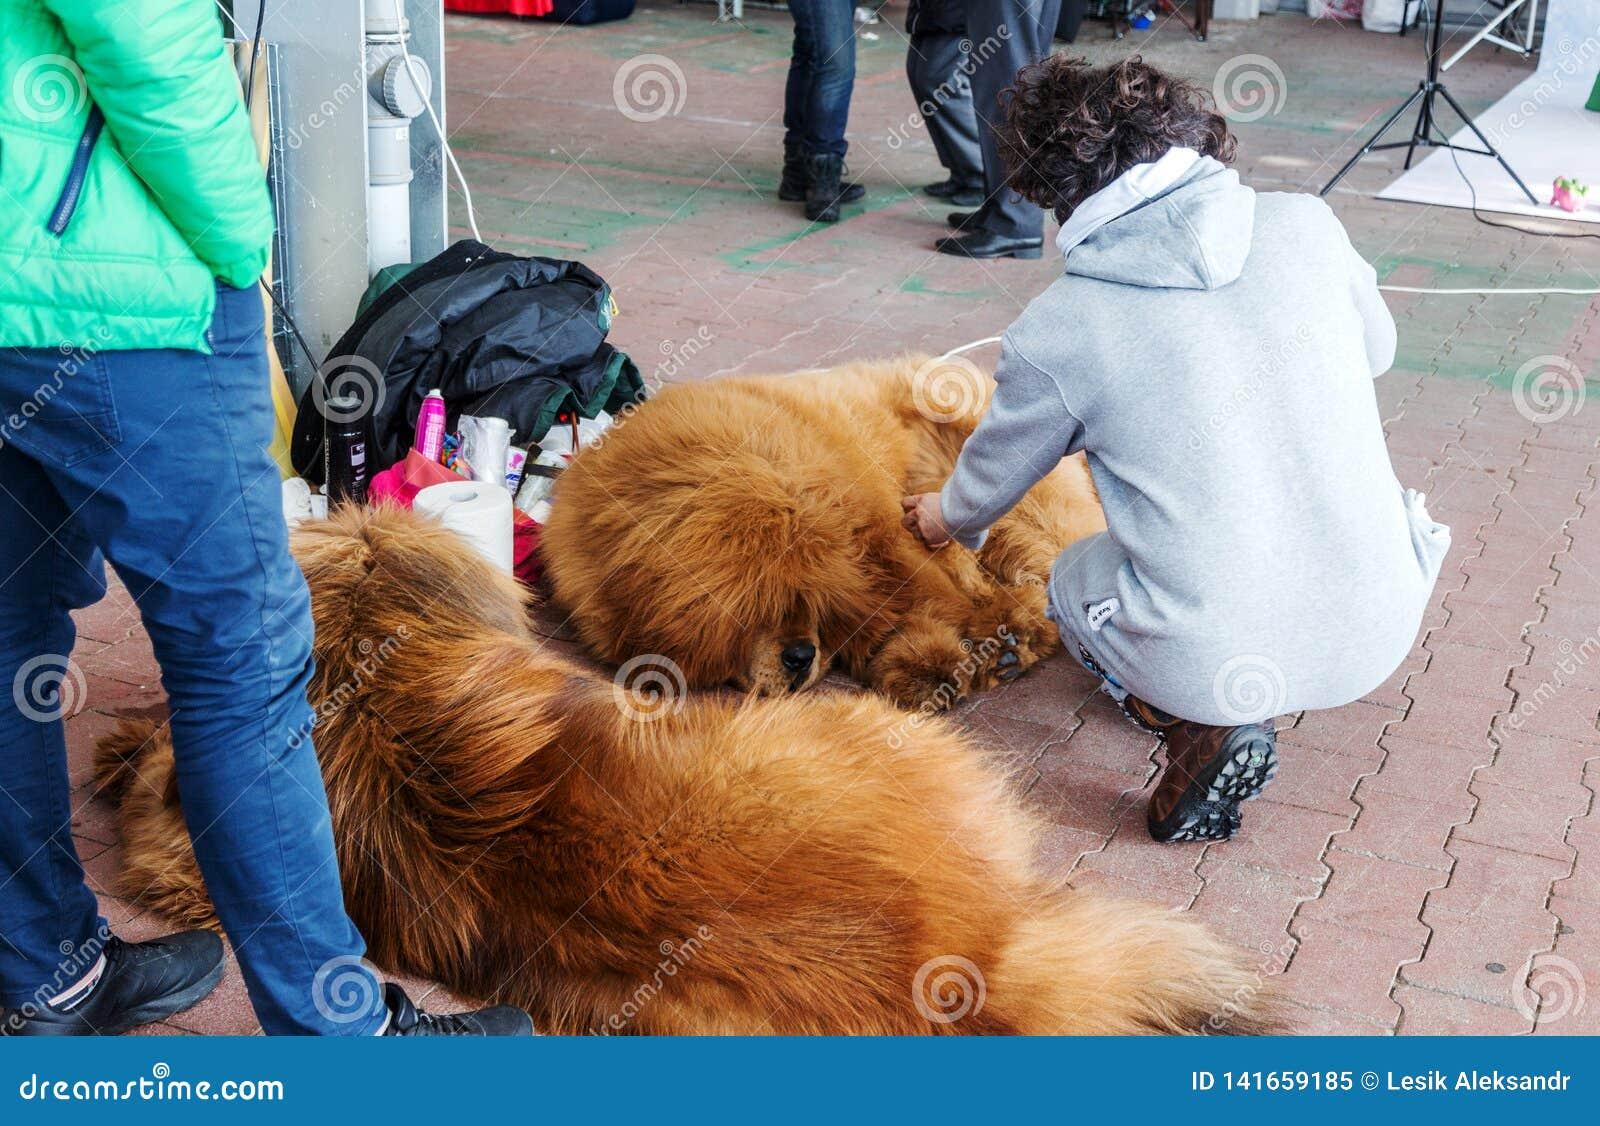 傲德萨,乌克兰2019年3月5日:在一次狗展示的迷人的良种穿着考究的狗与他们的所有者和教练员